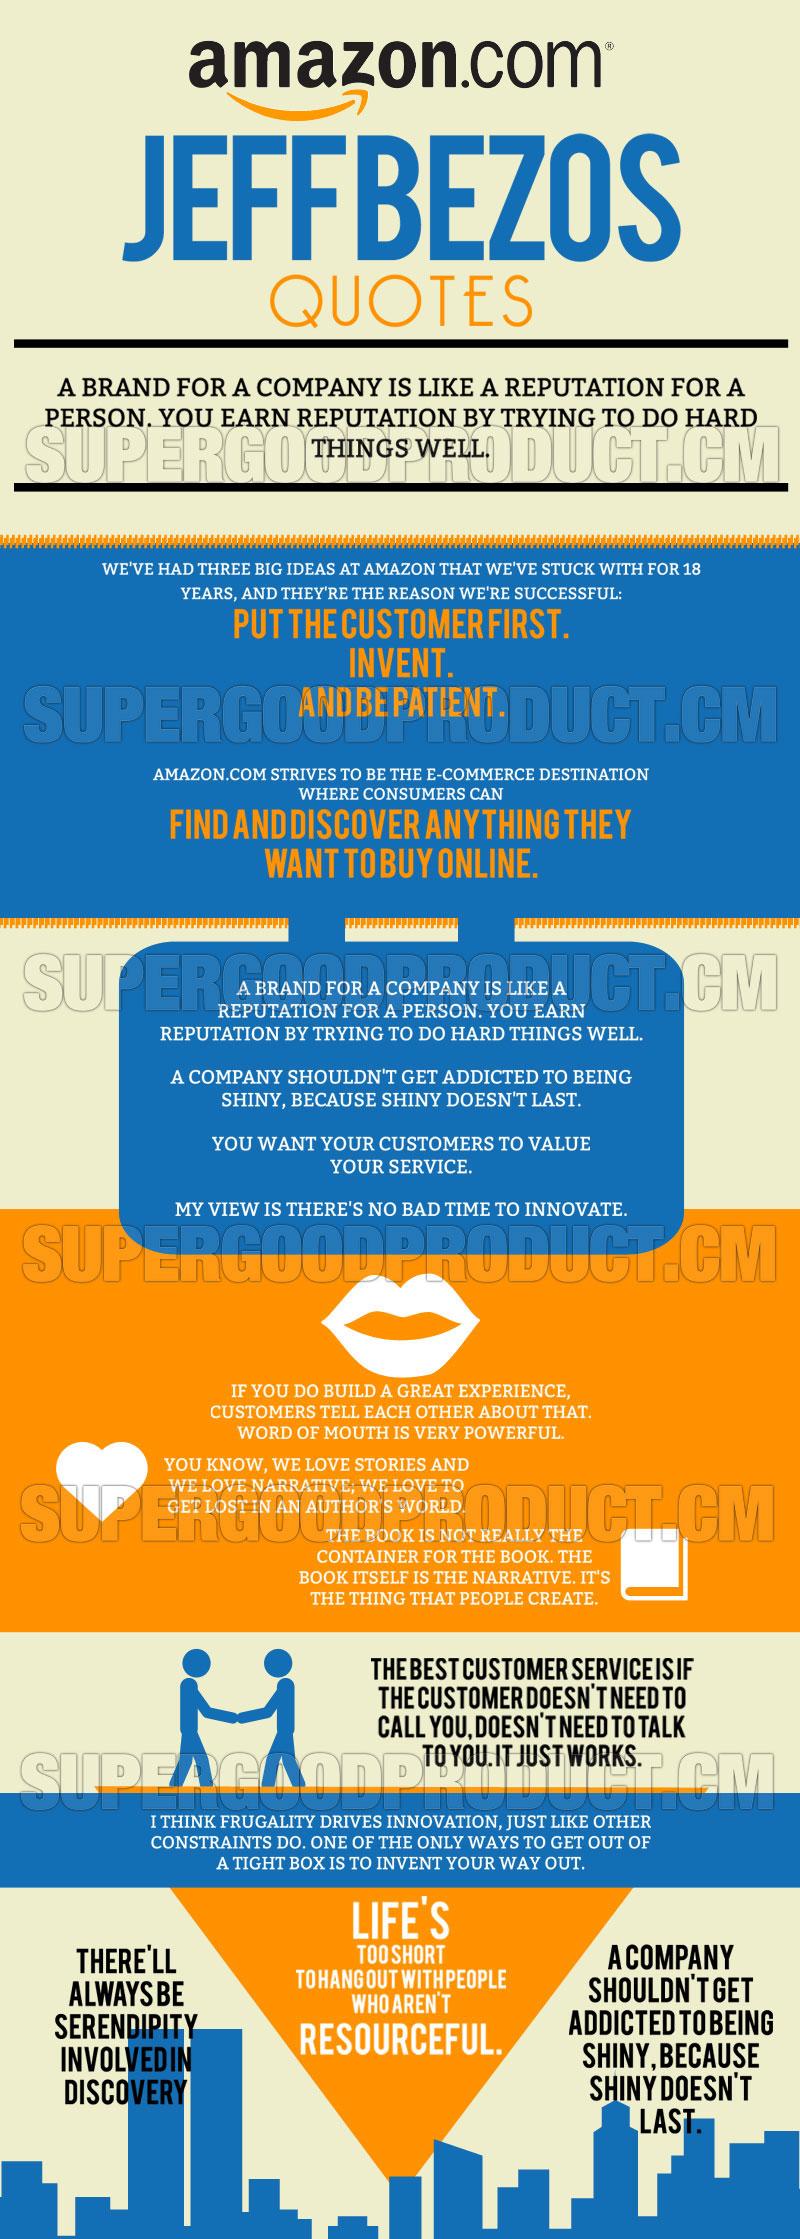 Jeff-Bezos-Infographic-Quotes